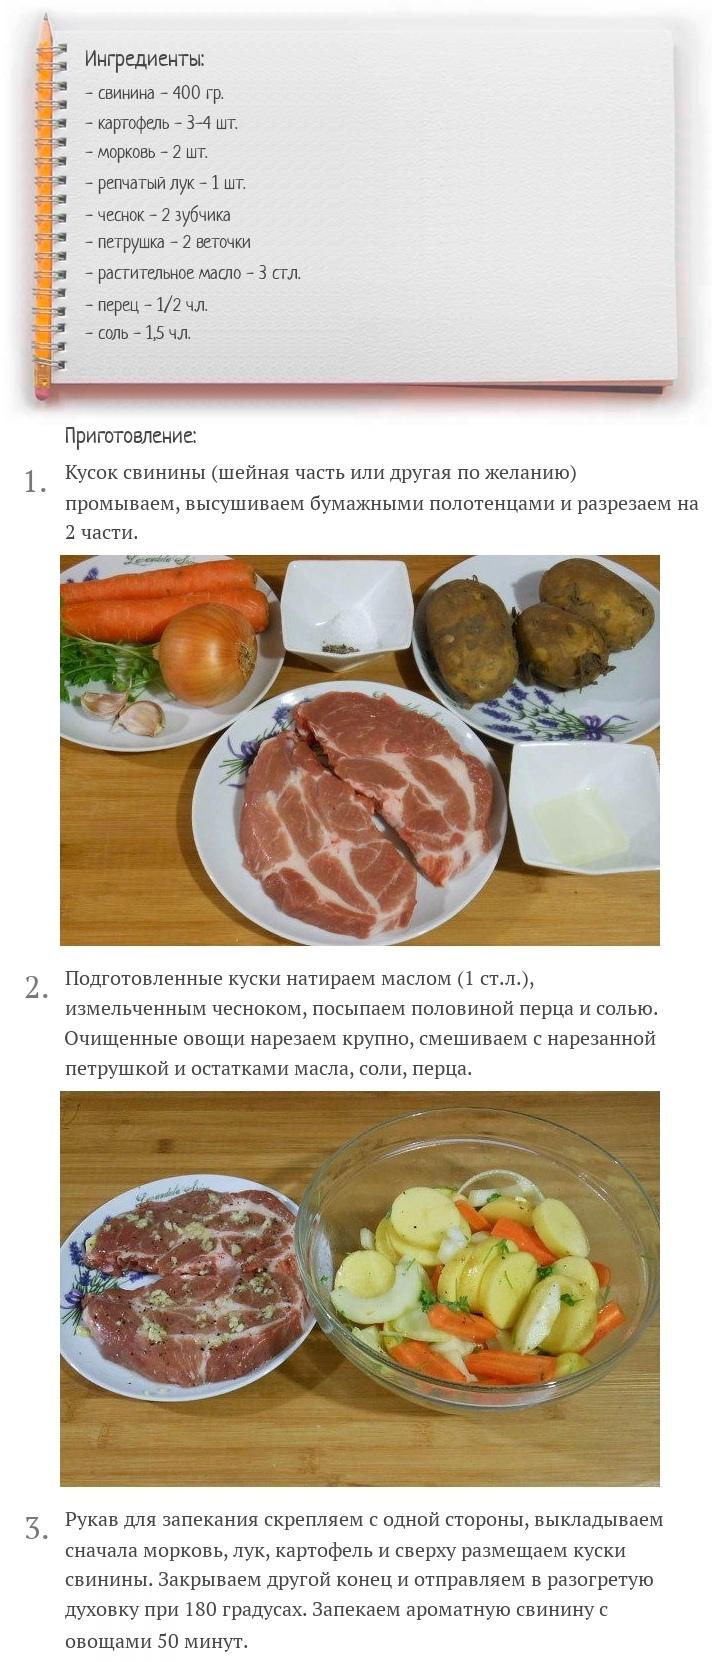 Свинина с овощами в рукаве для запекания, изображение №2